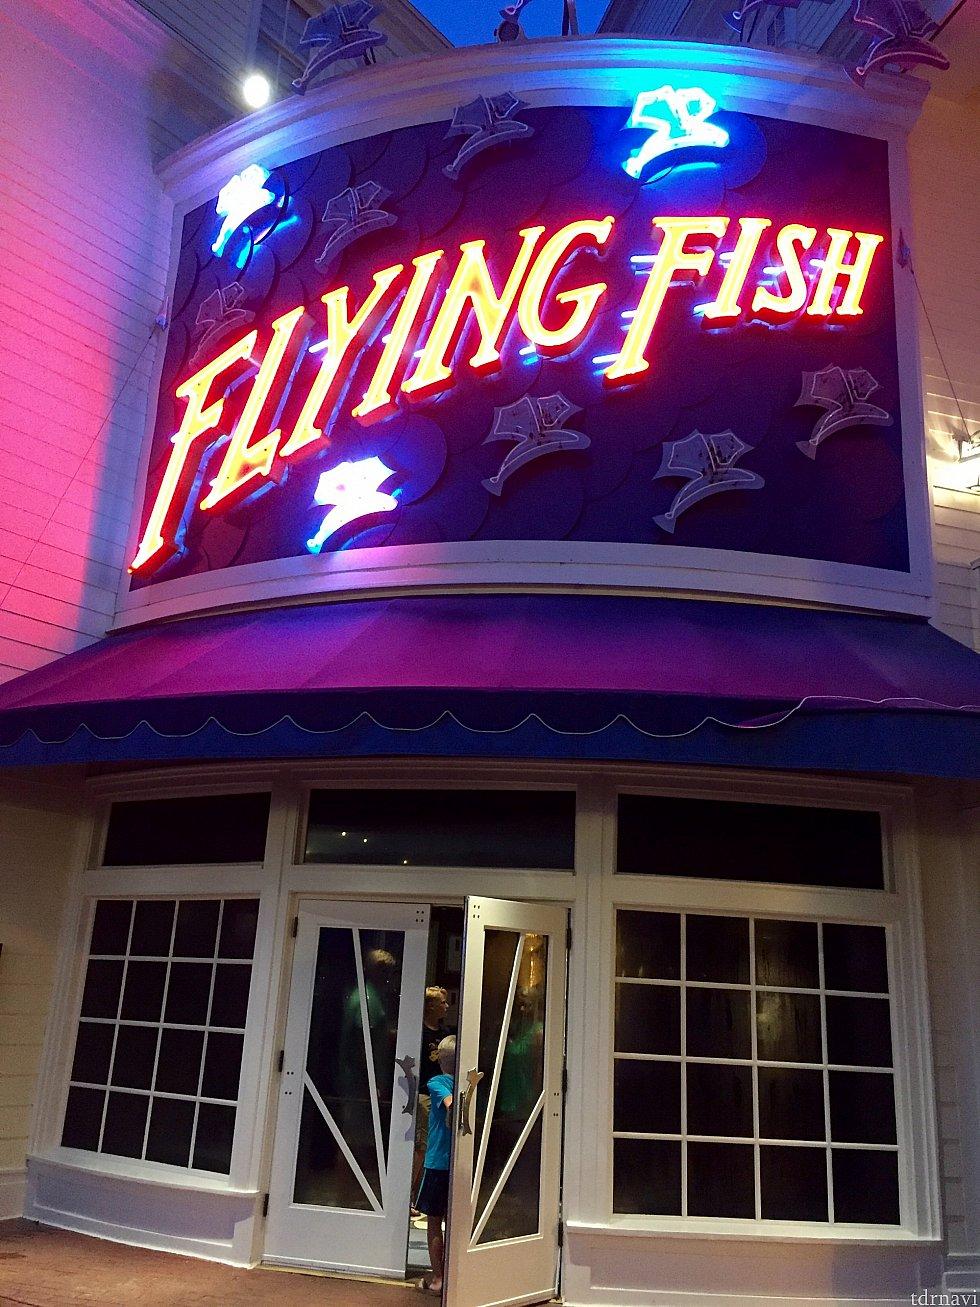 入口はボードウォーク沿いです。大きなネオン看板は何処からでも見過ごせない位派手です。看板の雰囲気とは逆に、レストランは高級シーフードレストランです。